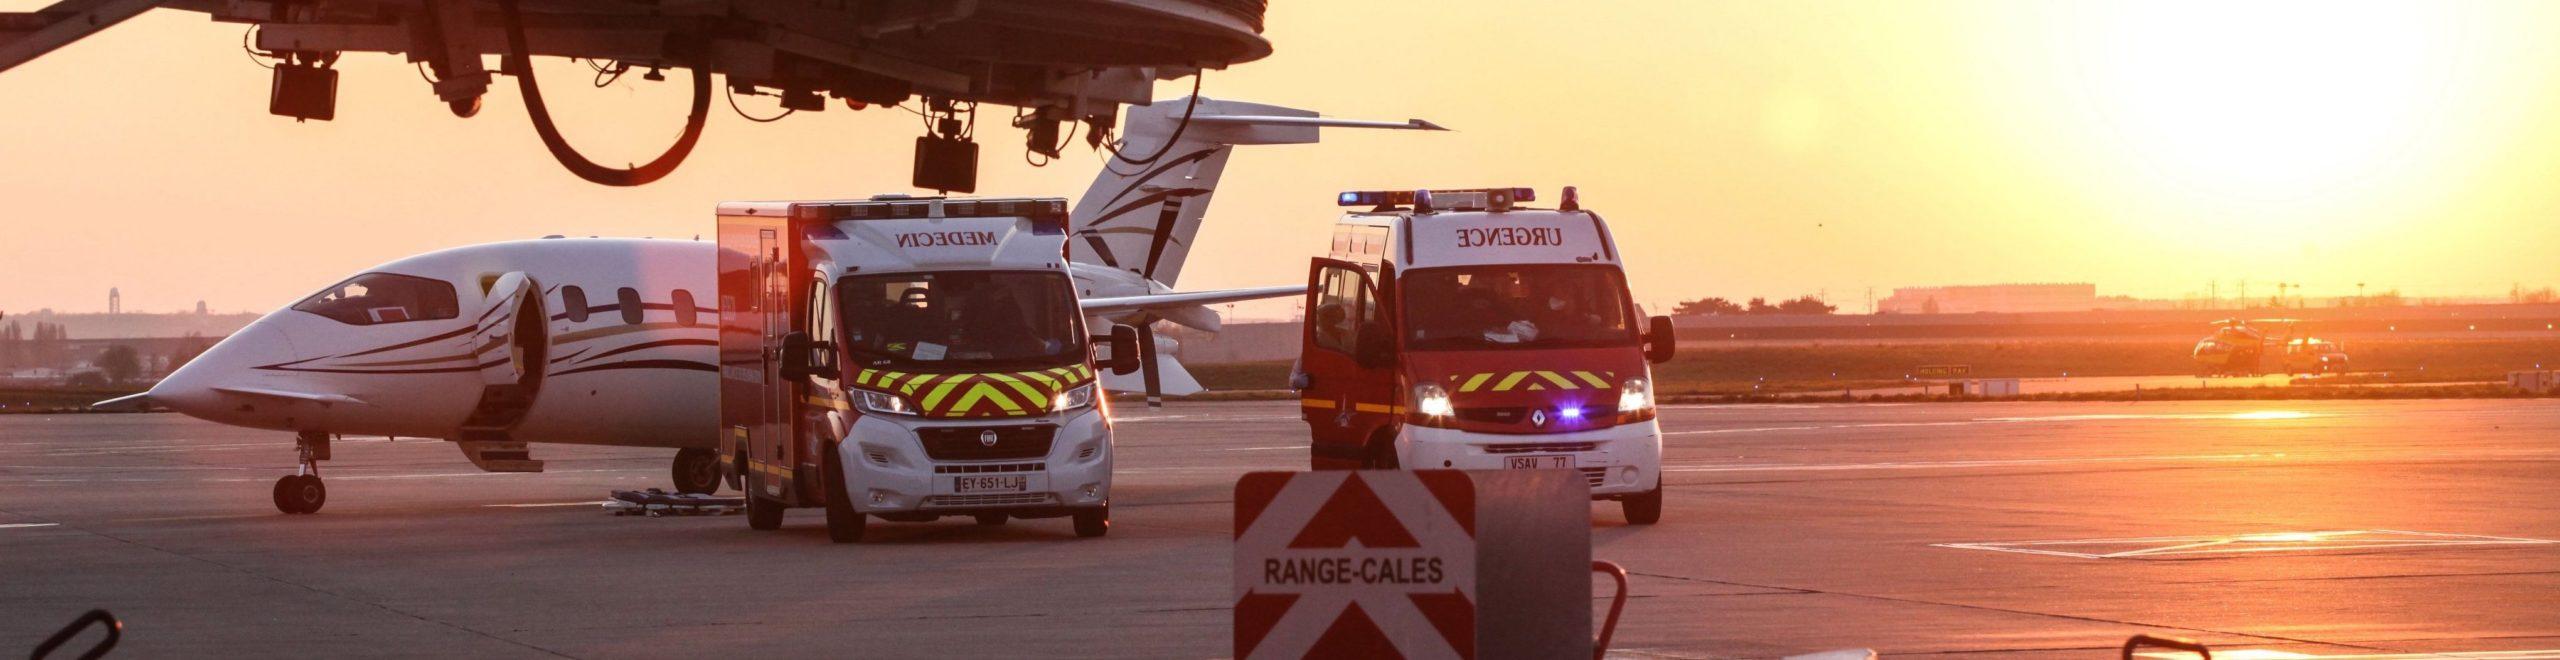 Évacuation sanitaire en jet privé à l'aéroport de Paris Orly